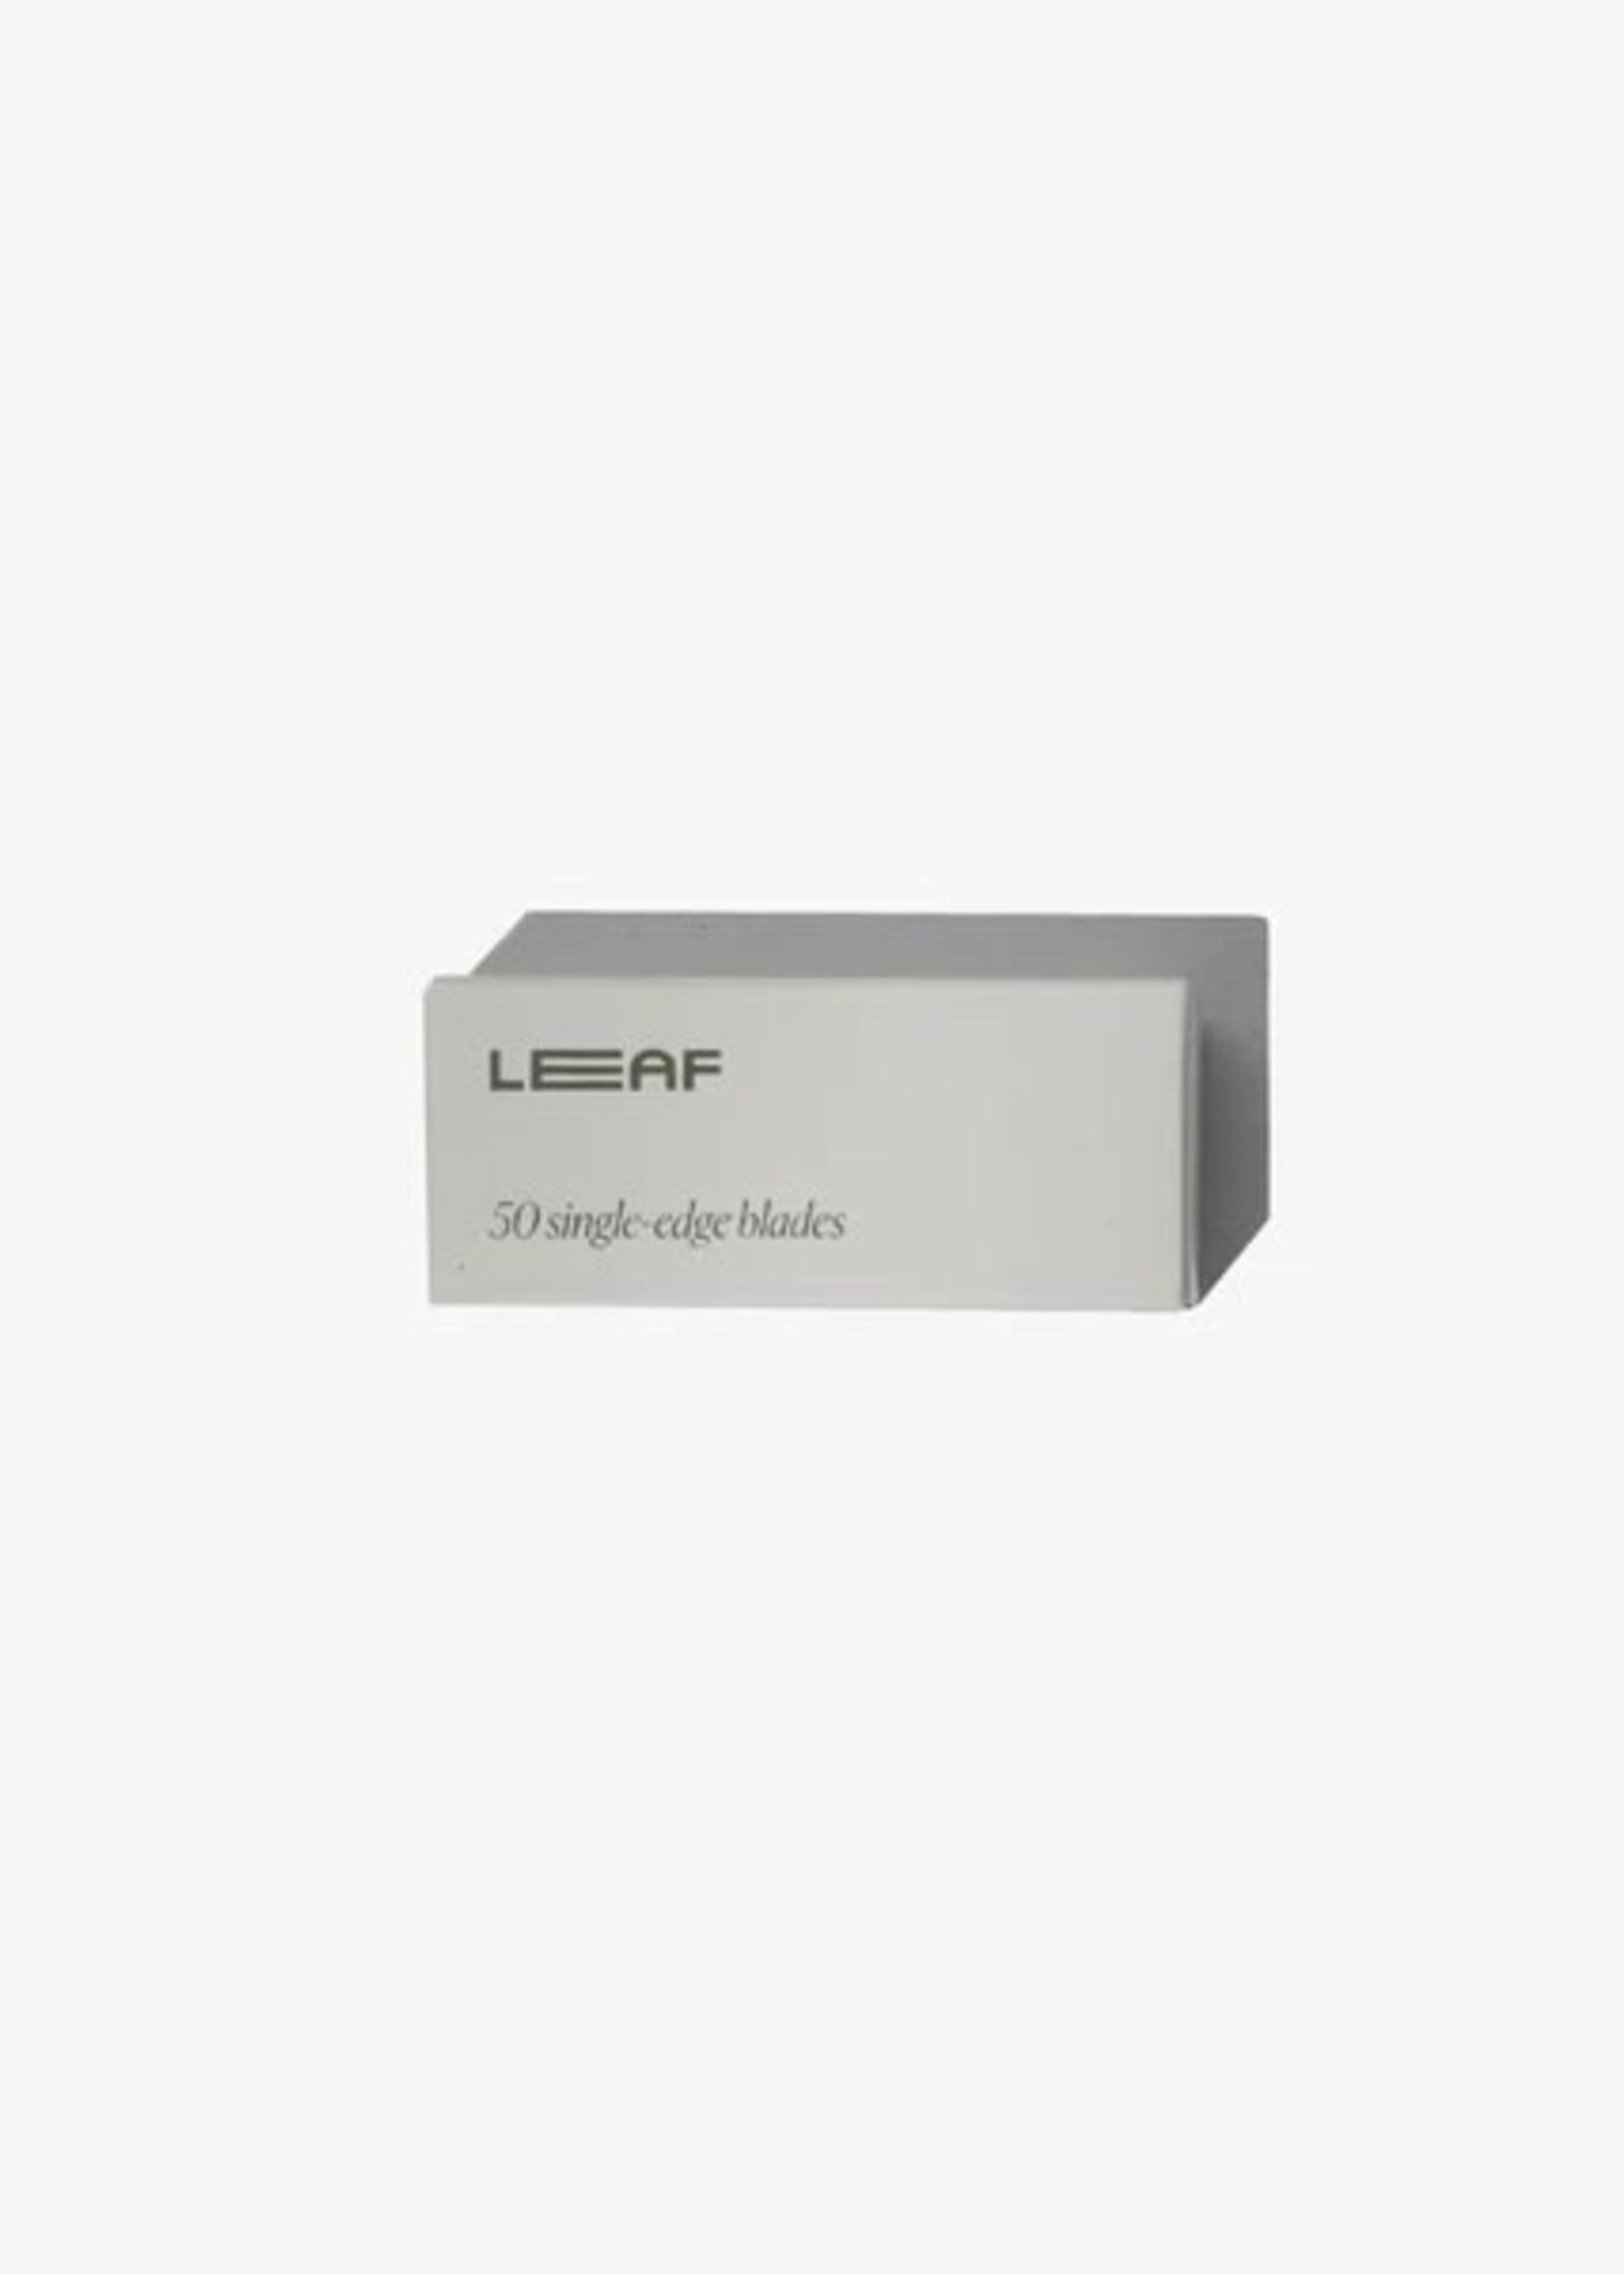 Leaf Shave Leaf 50 pack razors